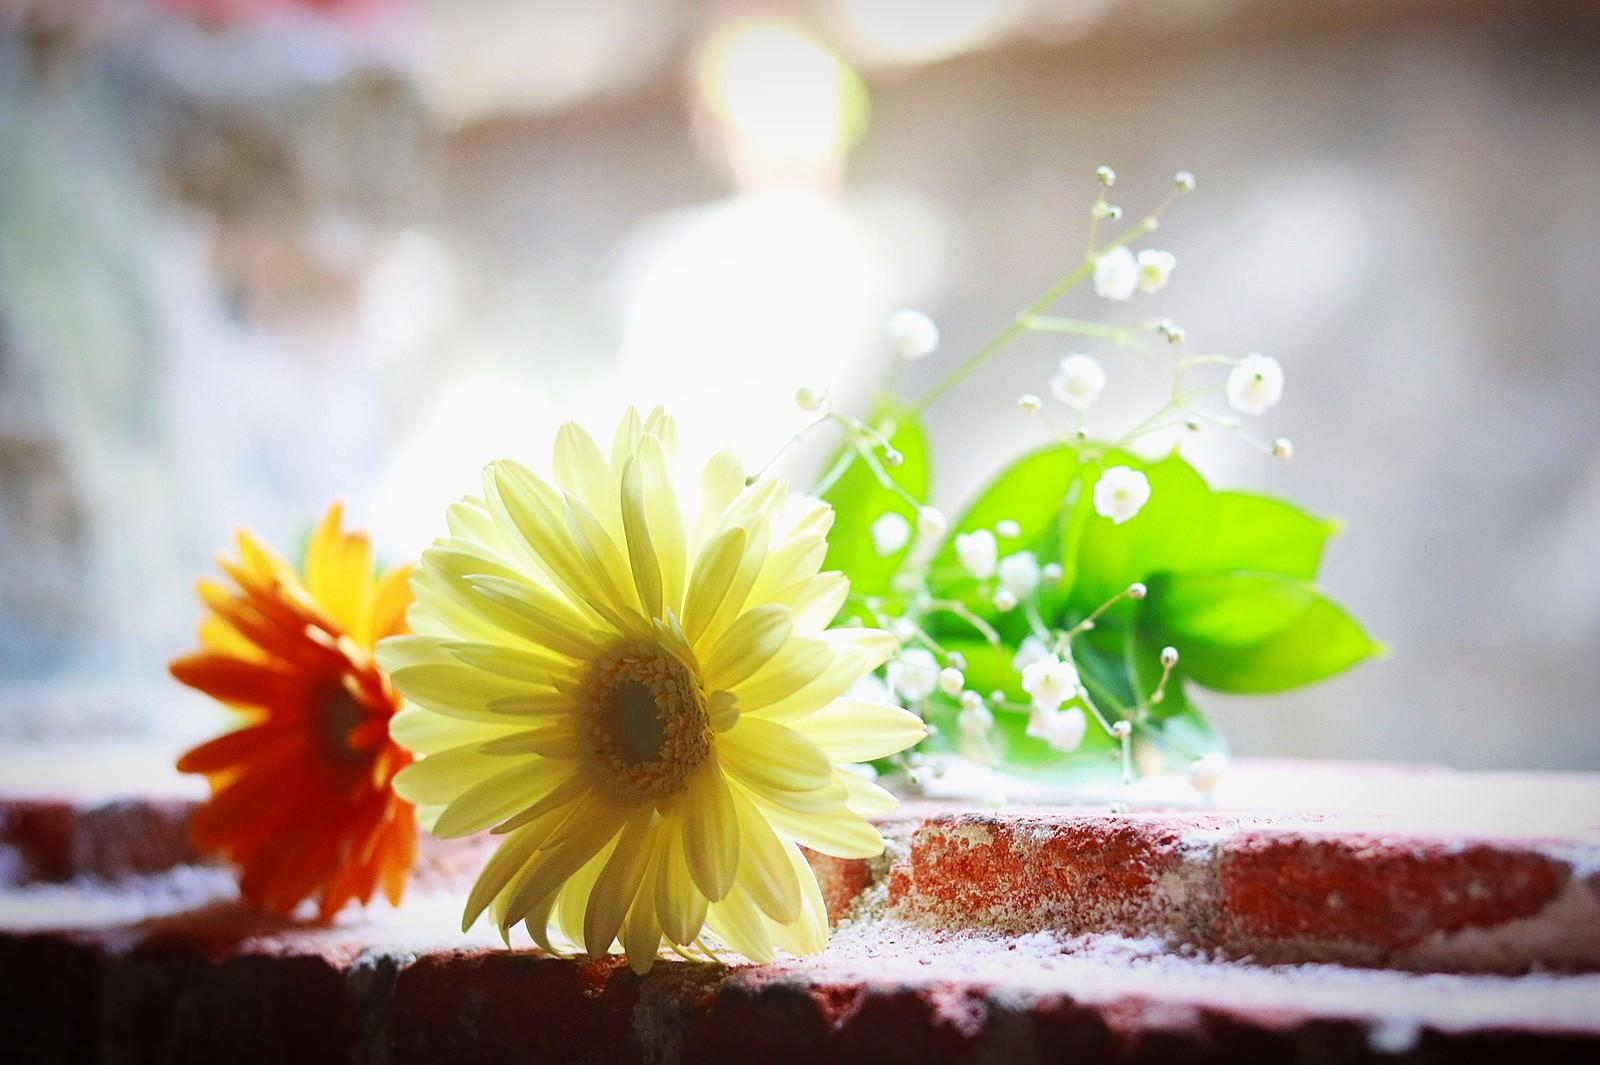 「照明に照らされた小さな花束」の写真